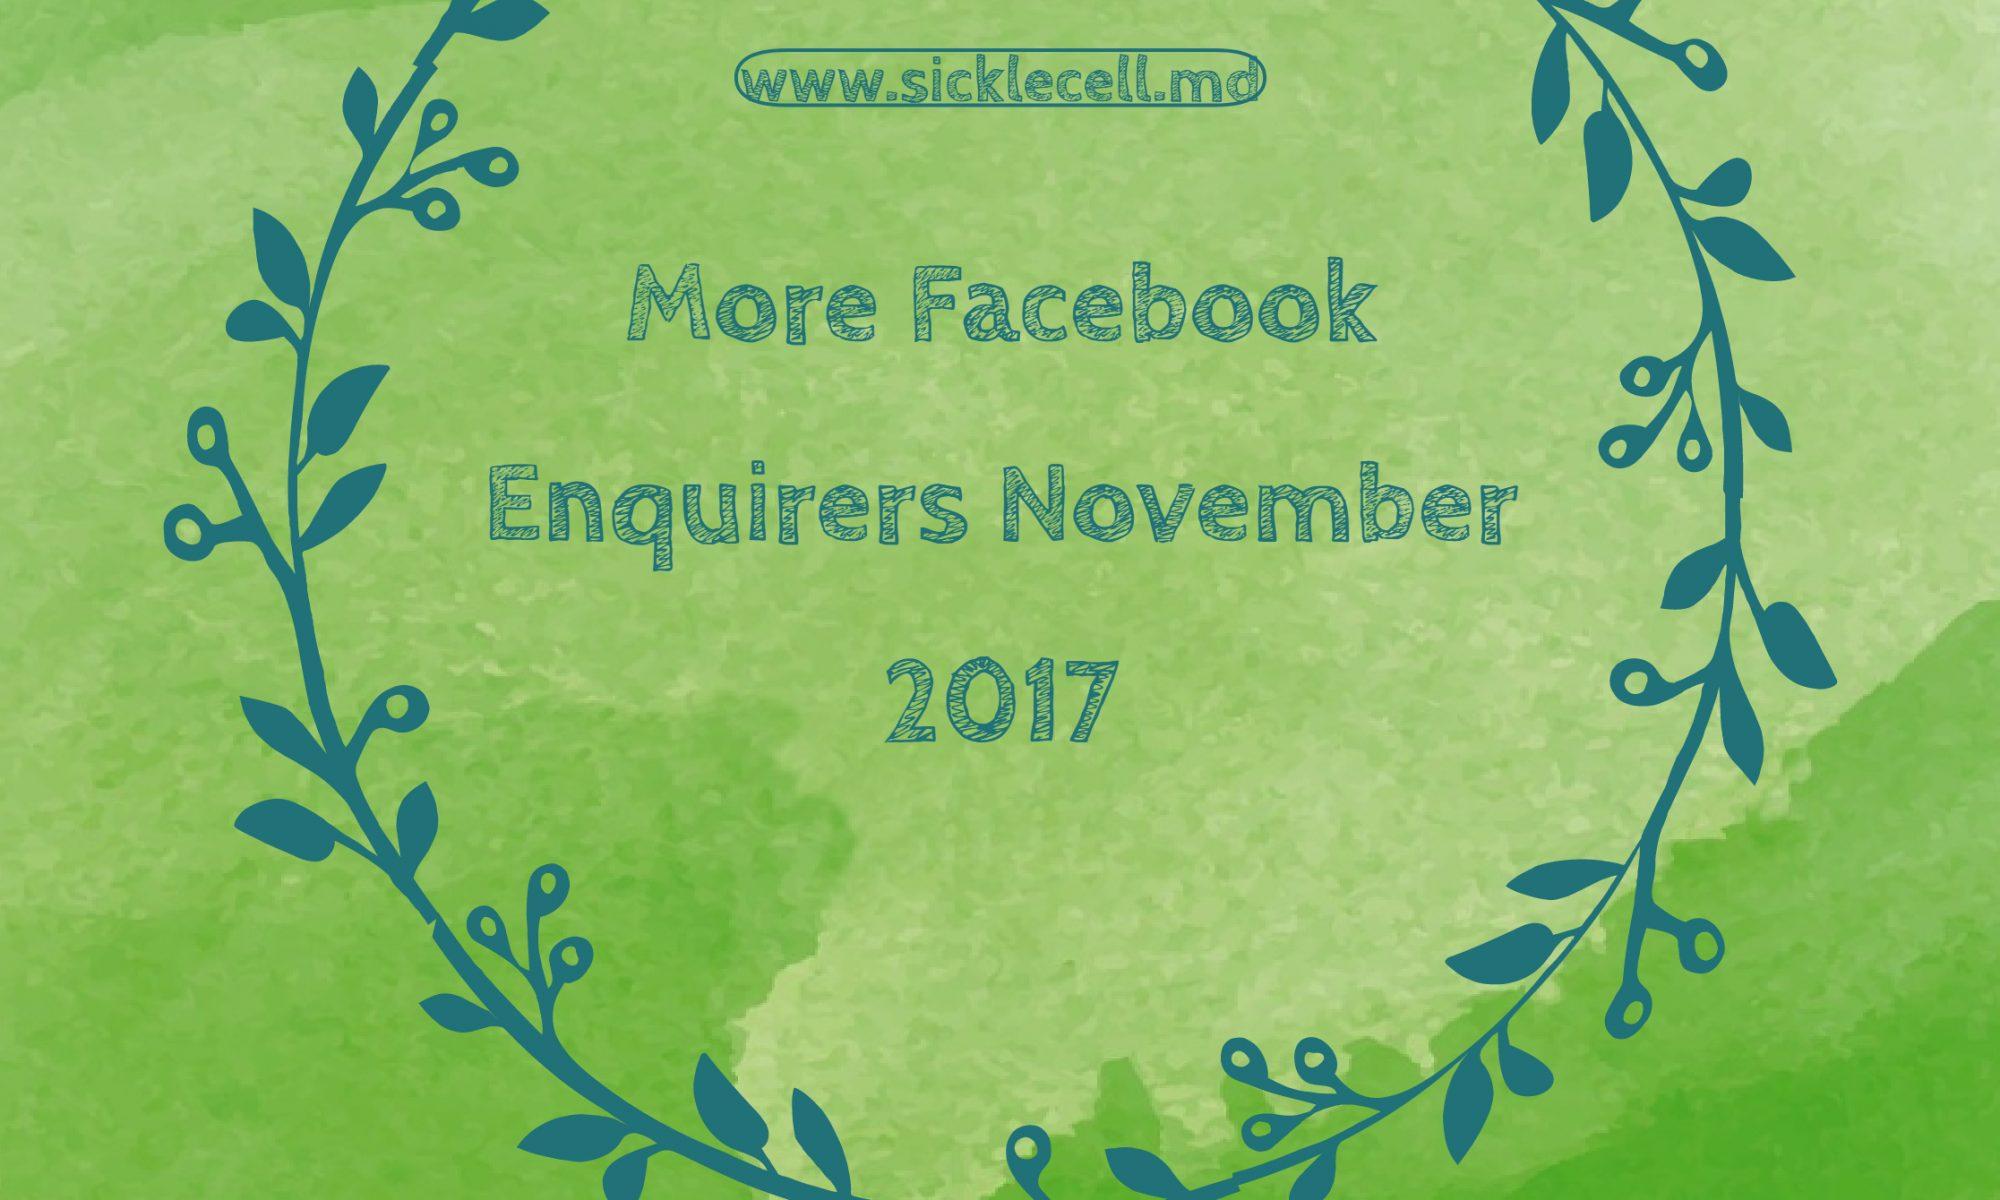 Facebook enquiries